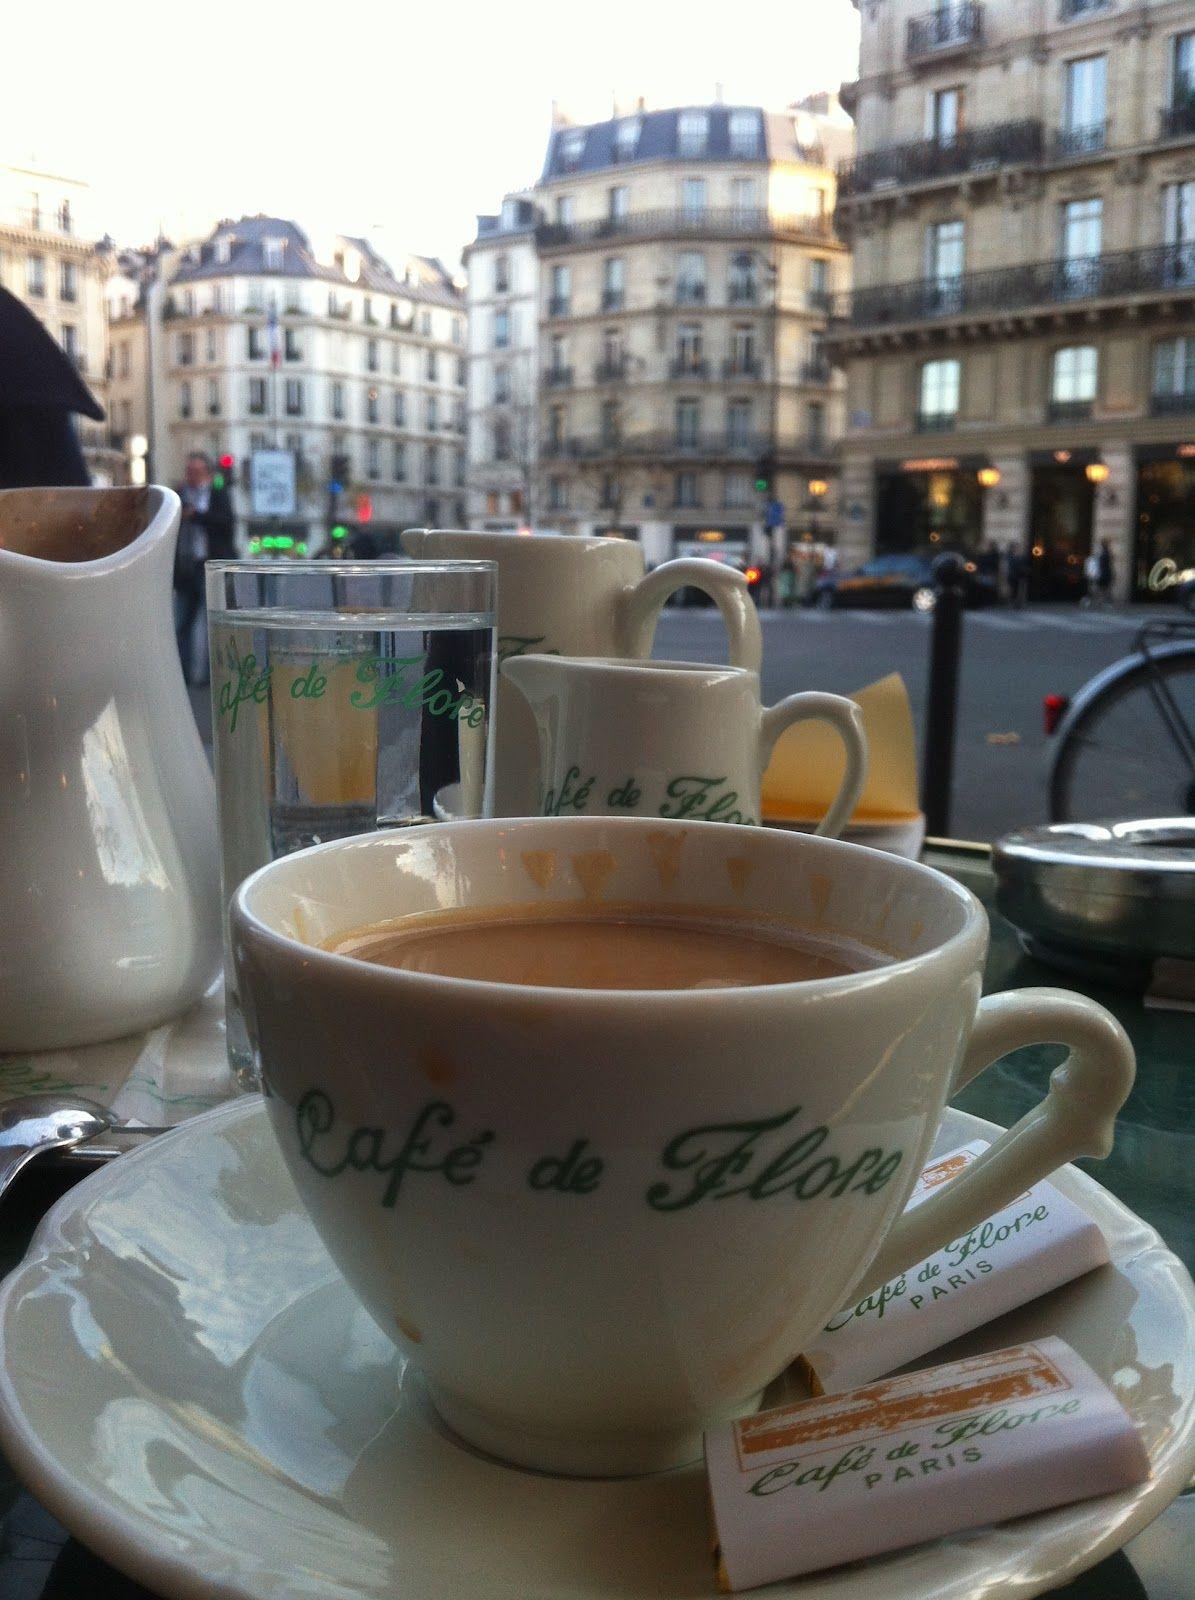 Paris: Café de Flore